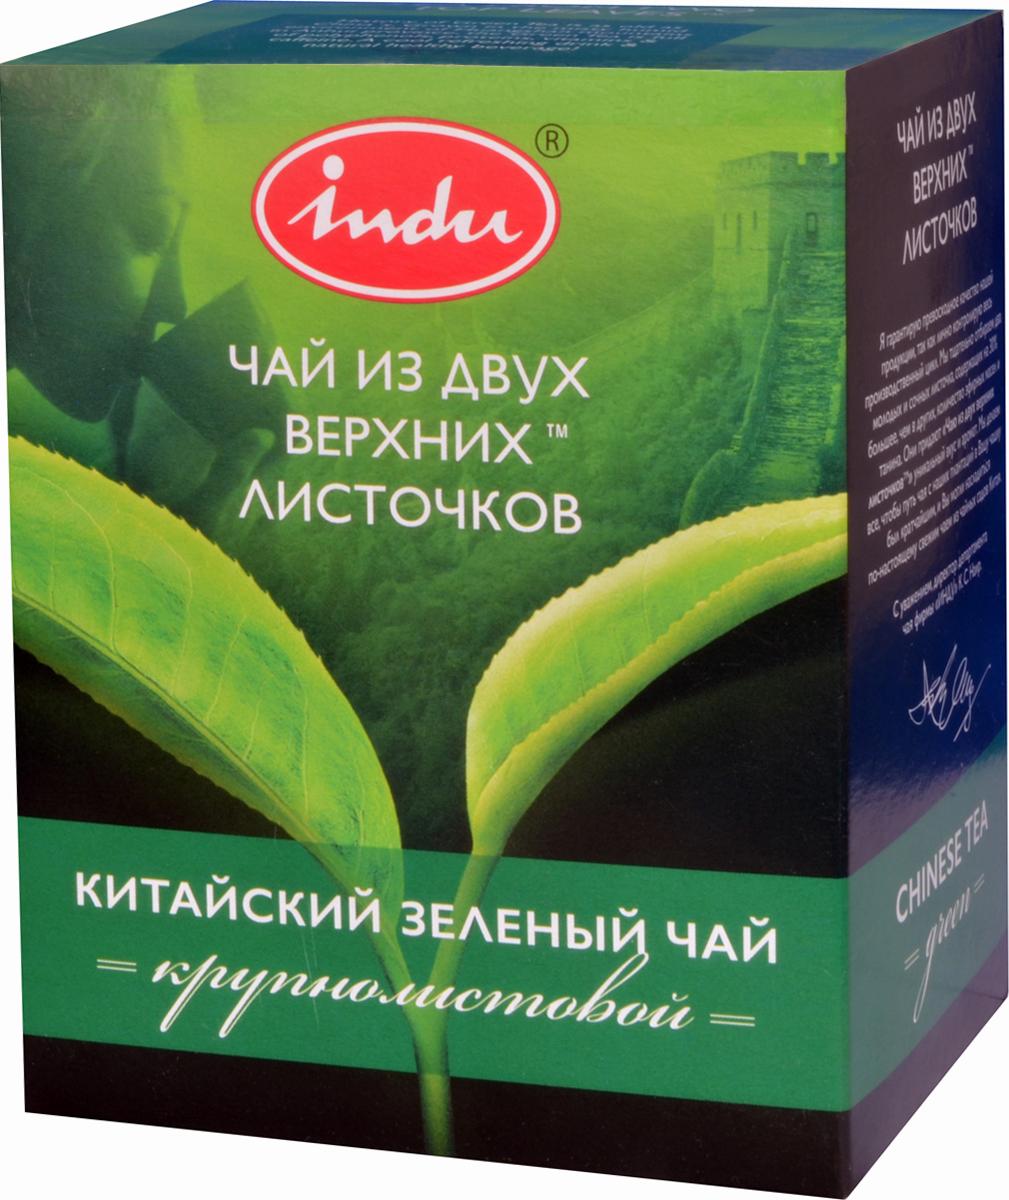 Indu Китайский зеленый листовой чай, 90 г101246История этого зеленого чая такая же древняя, как и сам Китай. Выращенный во влажном климате гор Хуаньшань, он богат эфирными маслами, витаминами и полезными микроэлементами, а его настой по-настоящему освежает и несет пользу.